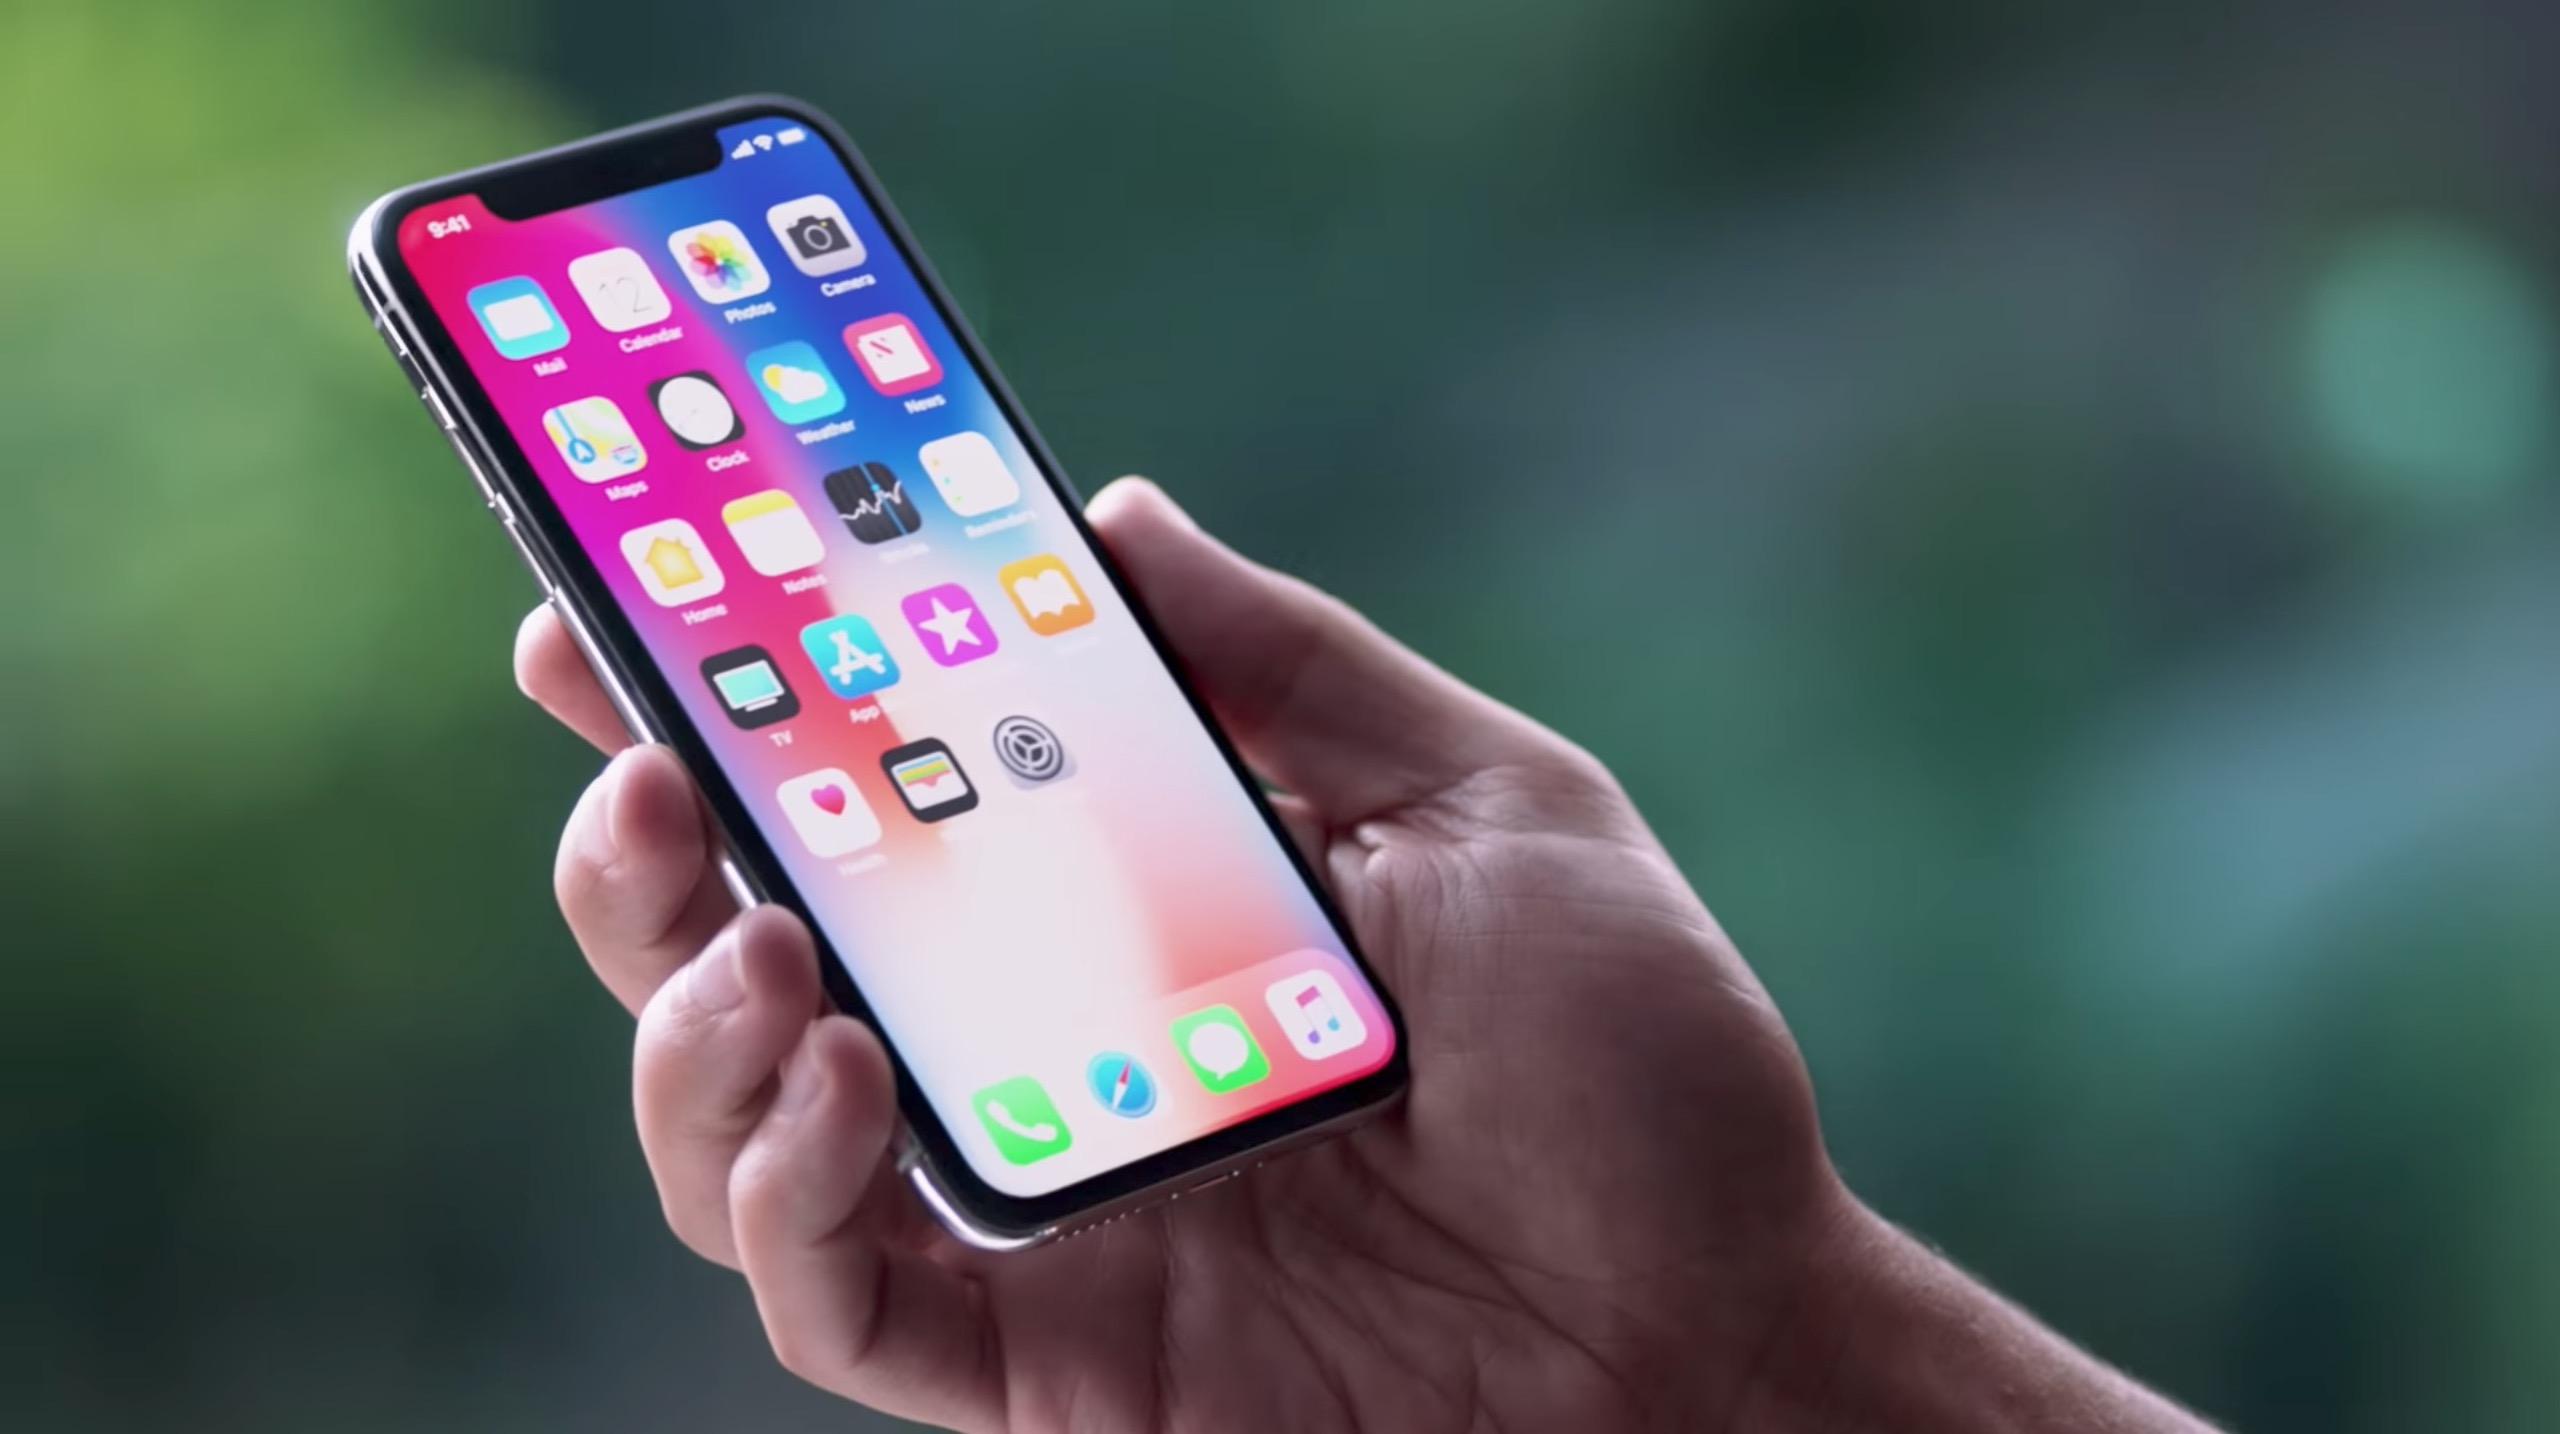 「iPhone XS」でスクリーンショットを撮る方法